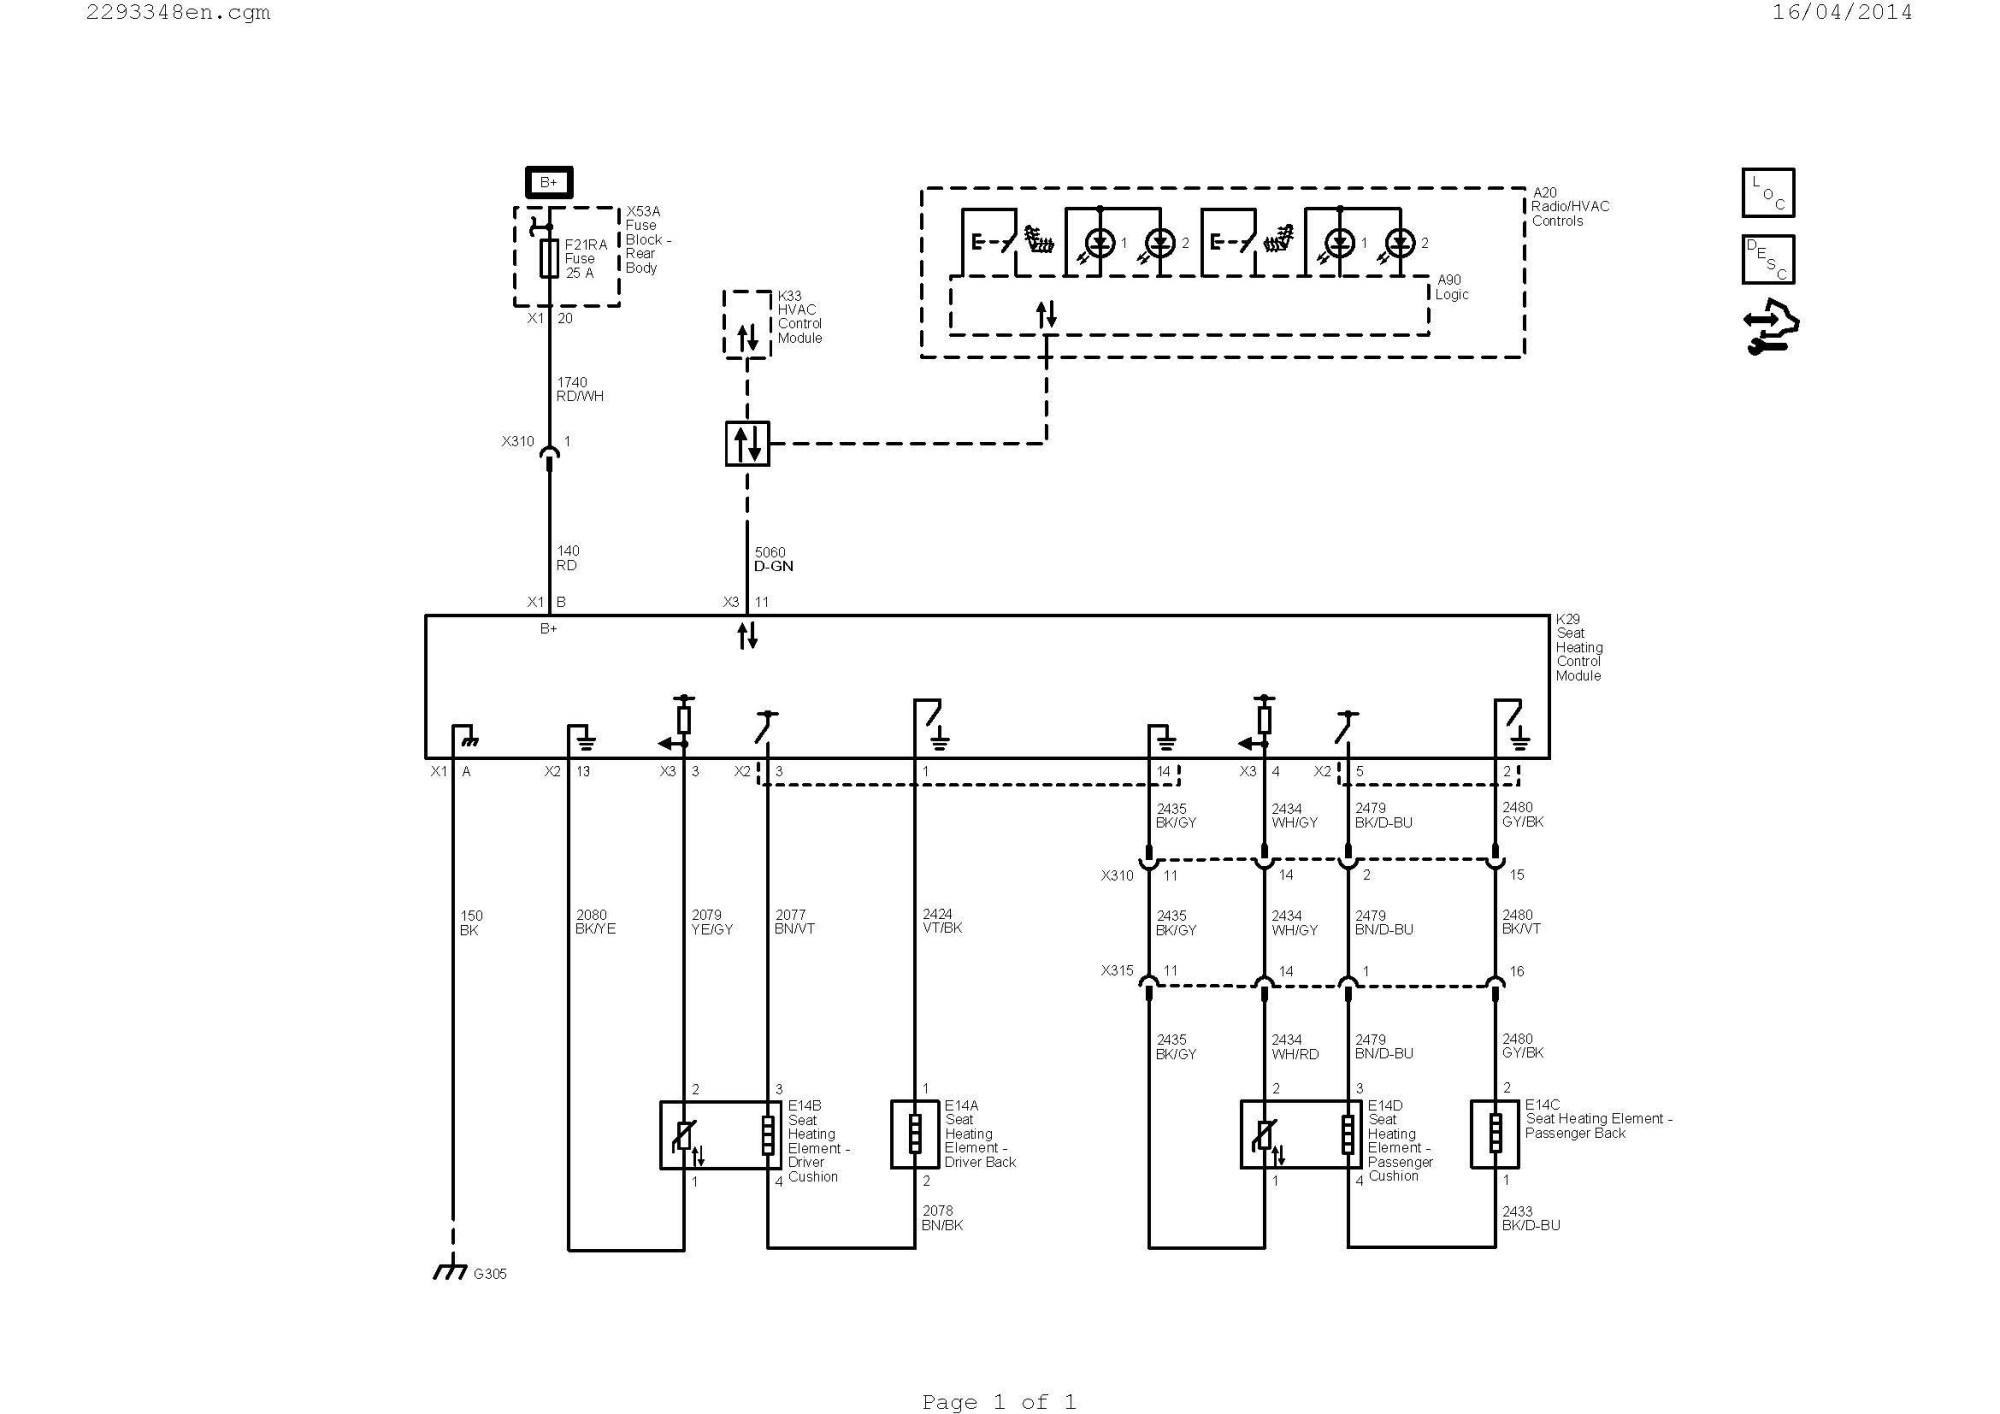 hight resolution of furnace schematic diagram wiring diagram reznor wiring schematic janitrol furnace wiring schematic free